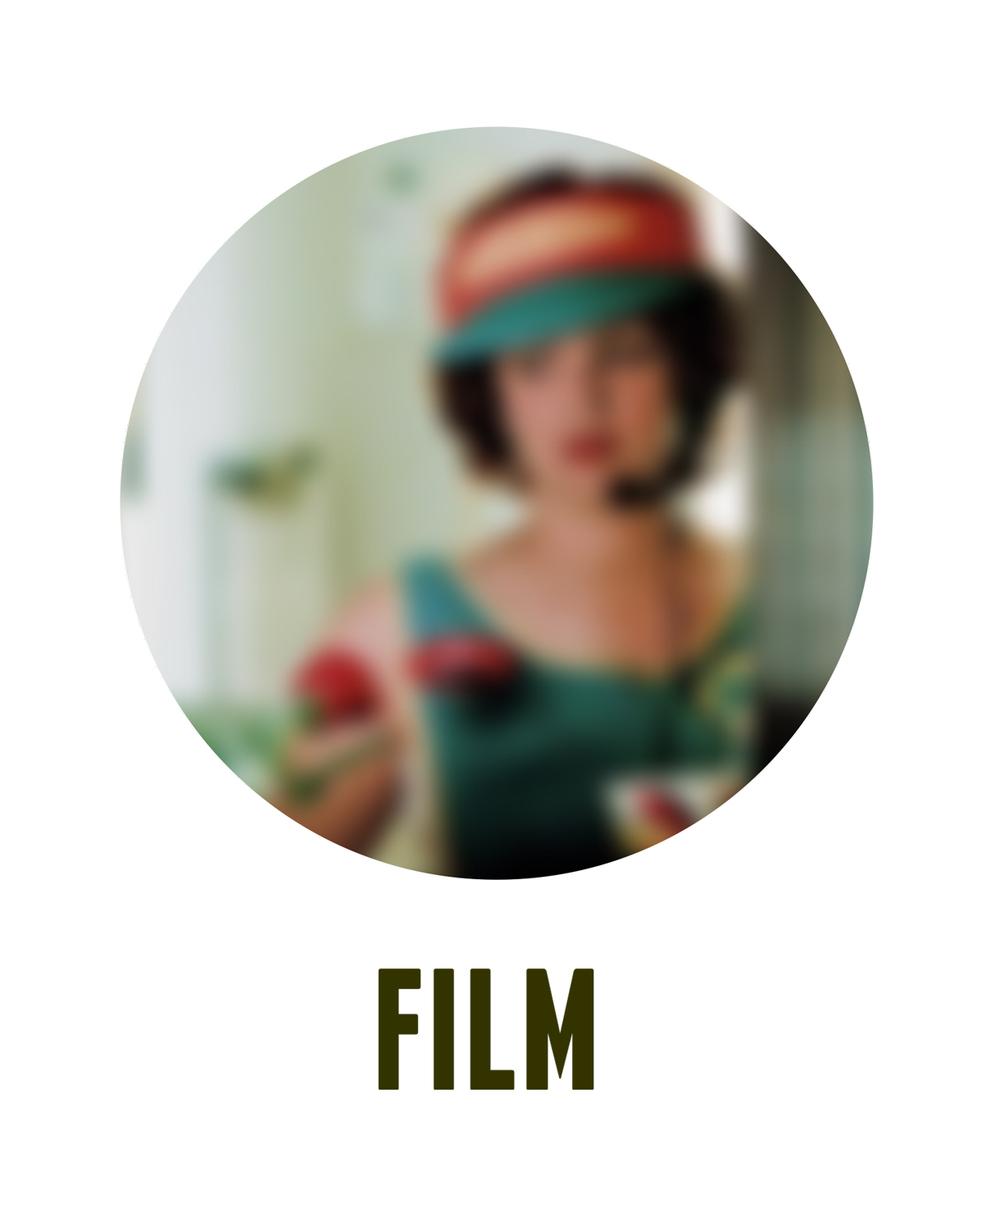 FILM BUTTON.jpg